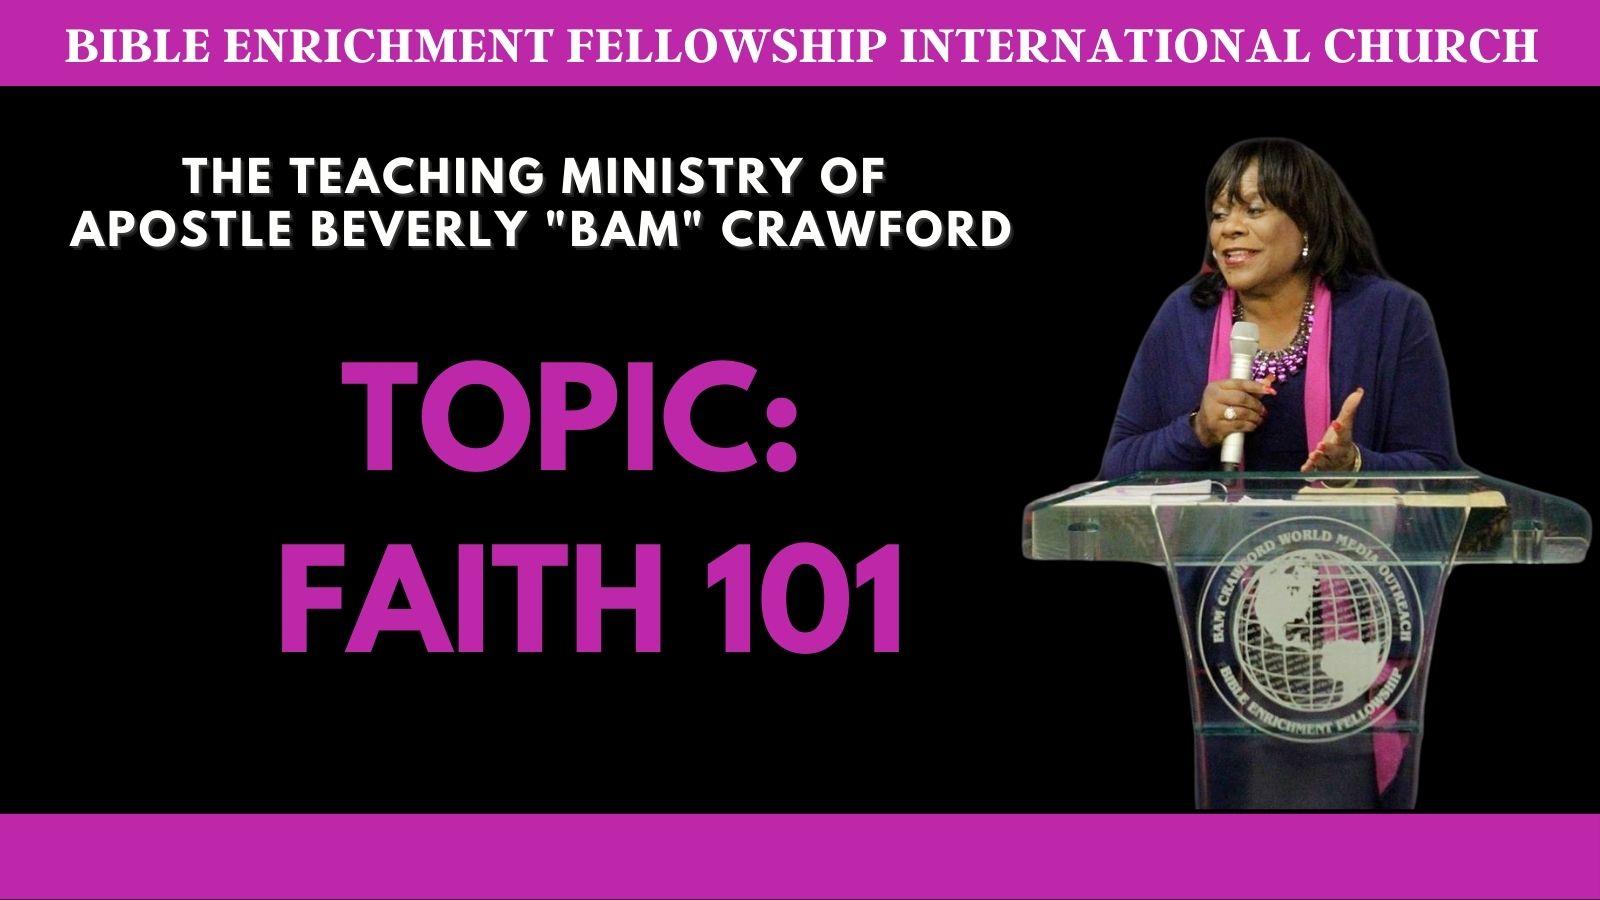 Faith 101 - Part 1